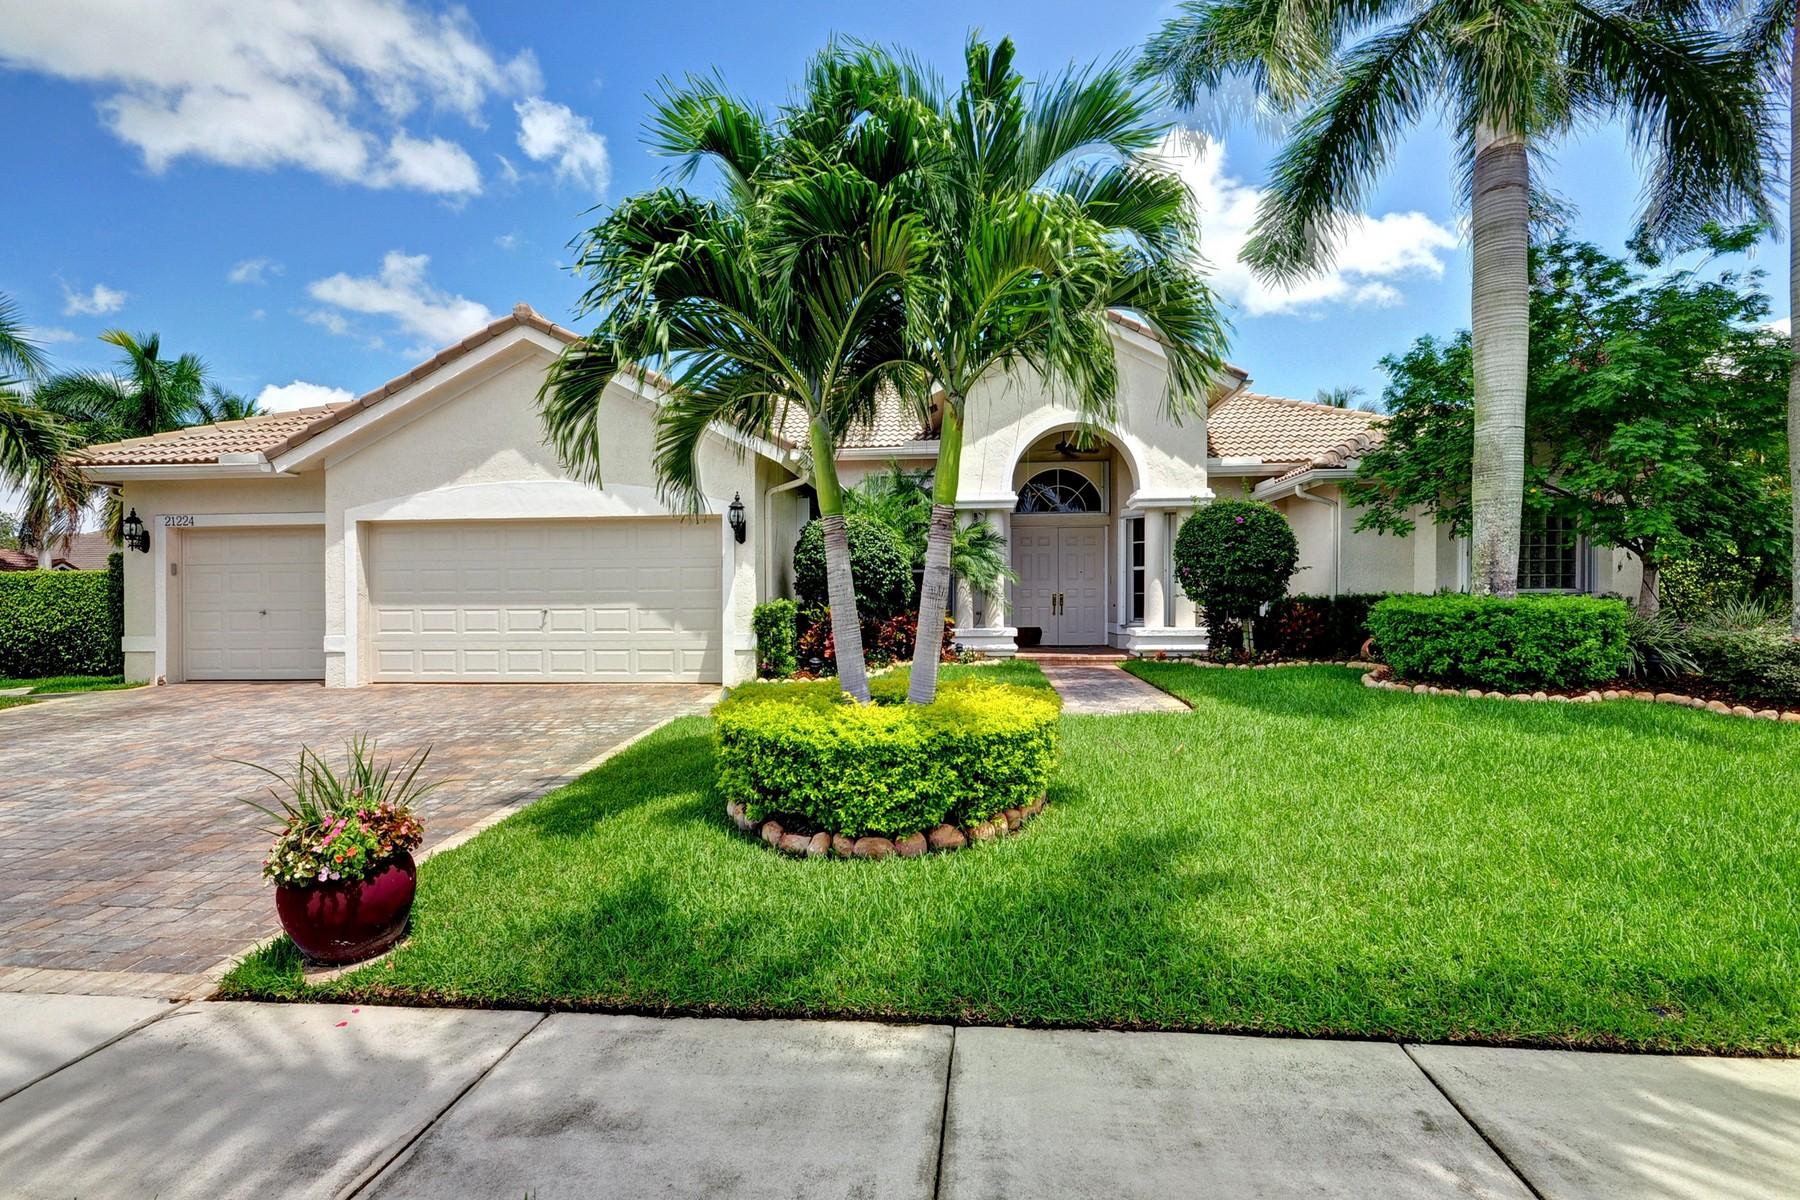 단독 가정 주택 용 매매 에 21224 Rock Ridge Dr , Boca Raton, FL 33428 21224 Rock Ridge Dr Boca Raton, 플로리다 33428 미국